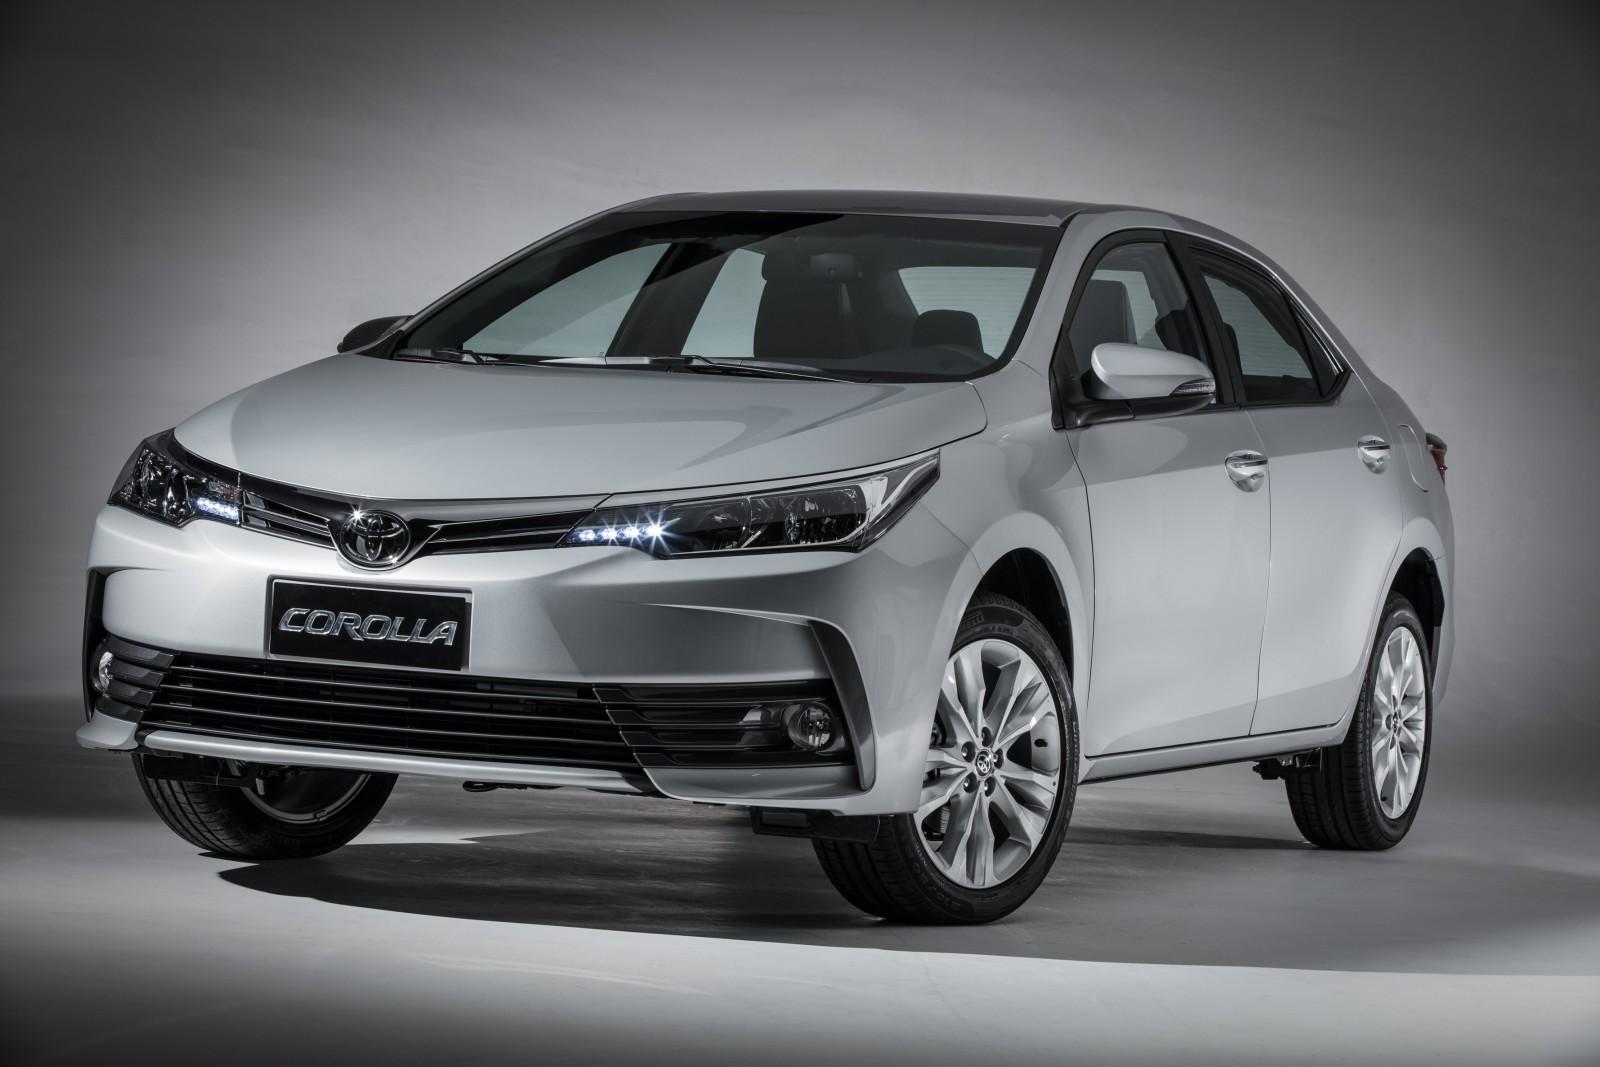 Com novo visual, Toyota Corolla 2018 chega a partir de R$ 90.990 4-corolla-xei-2018